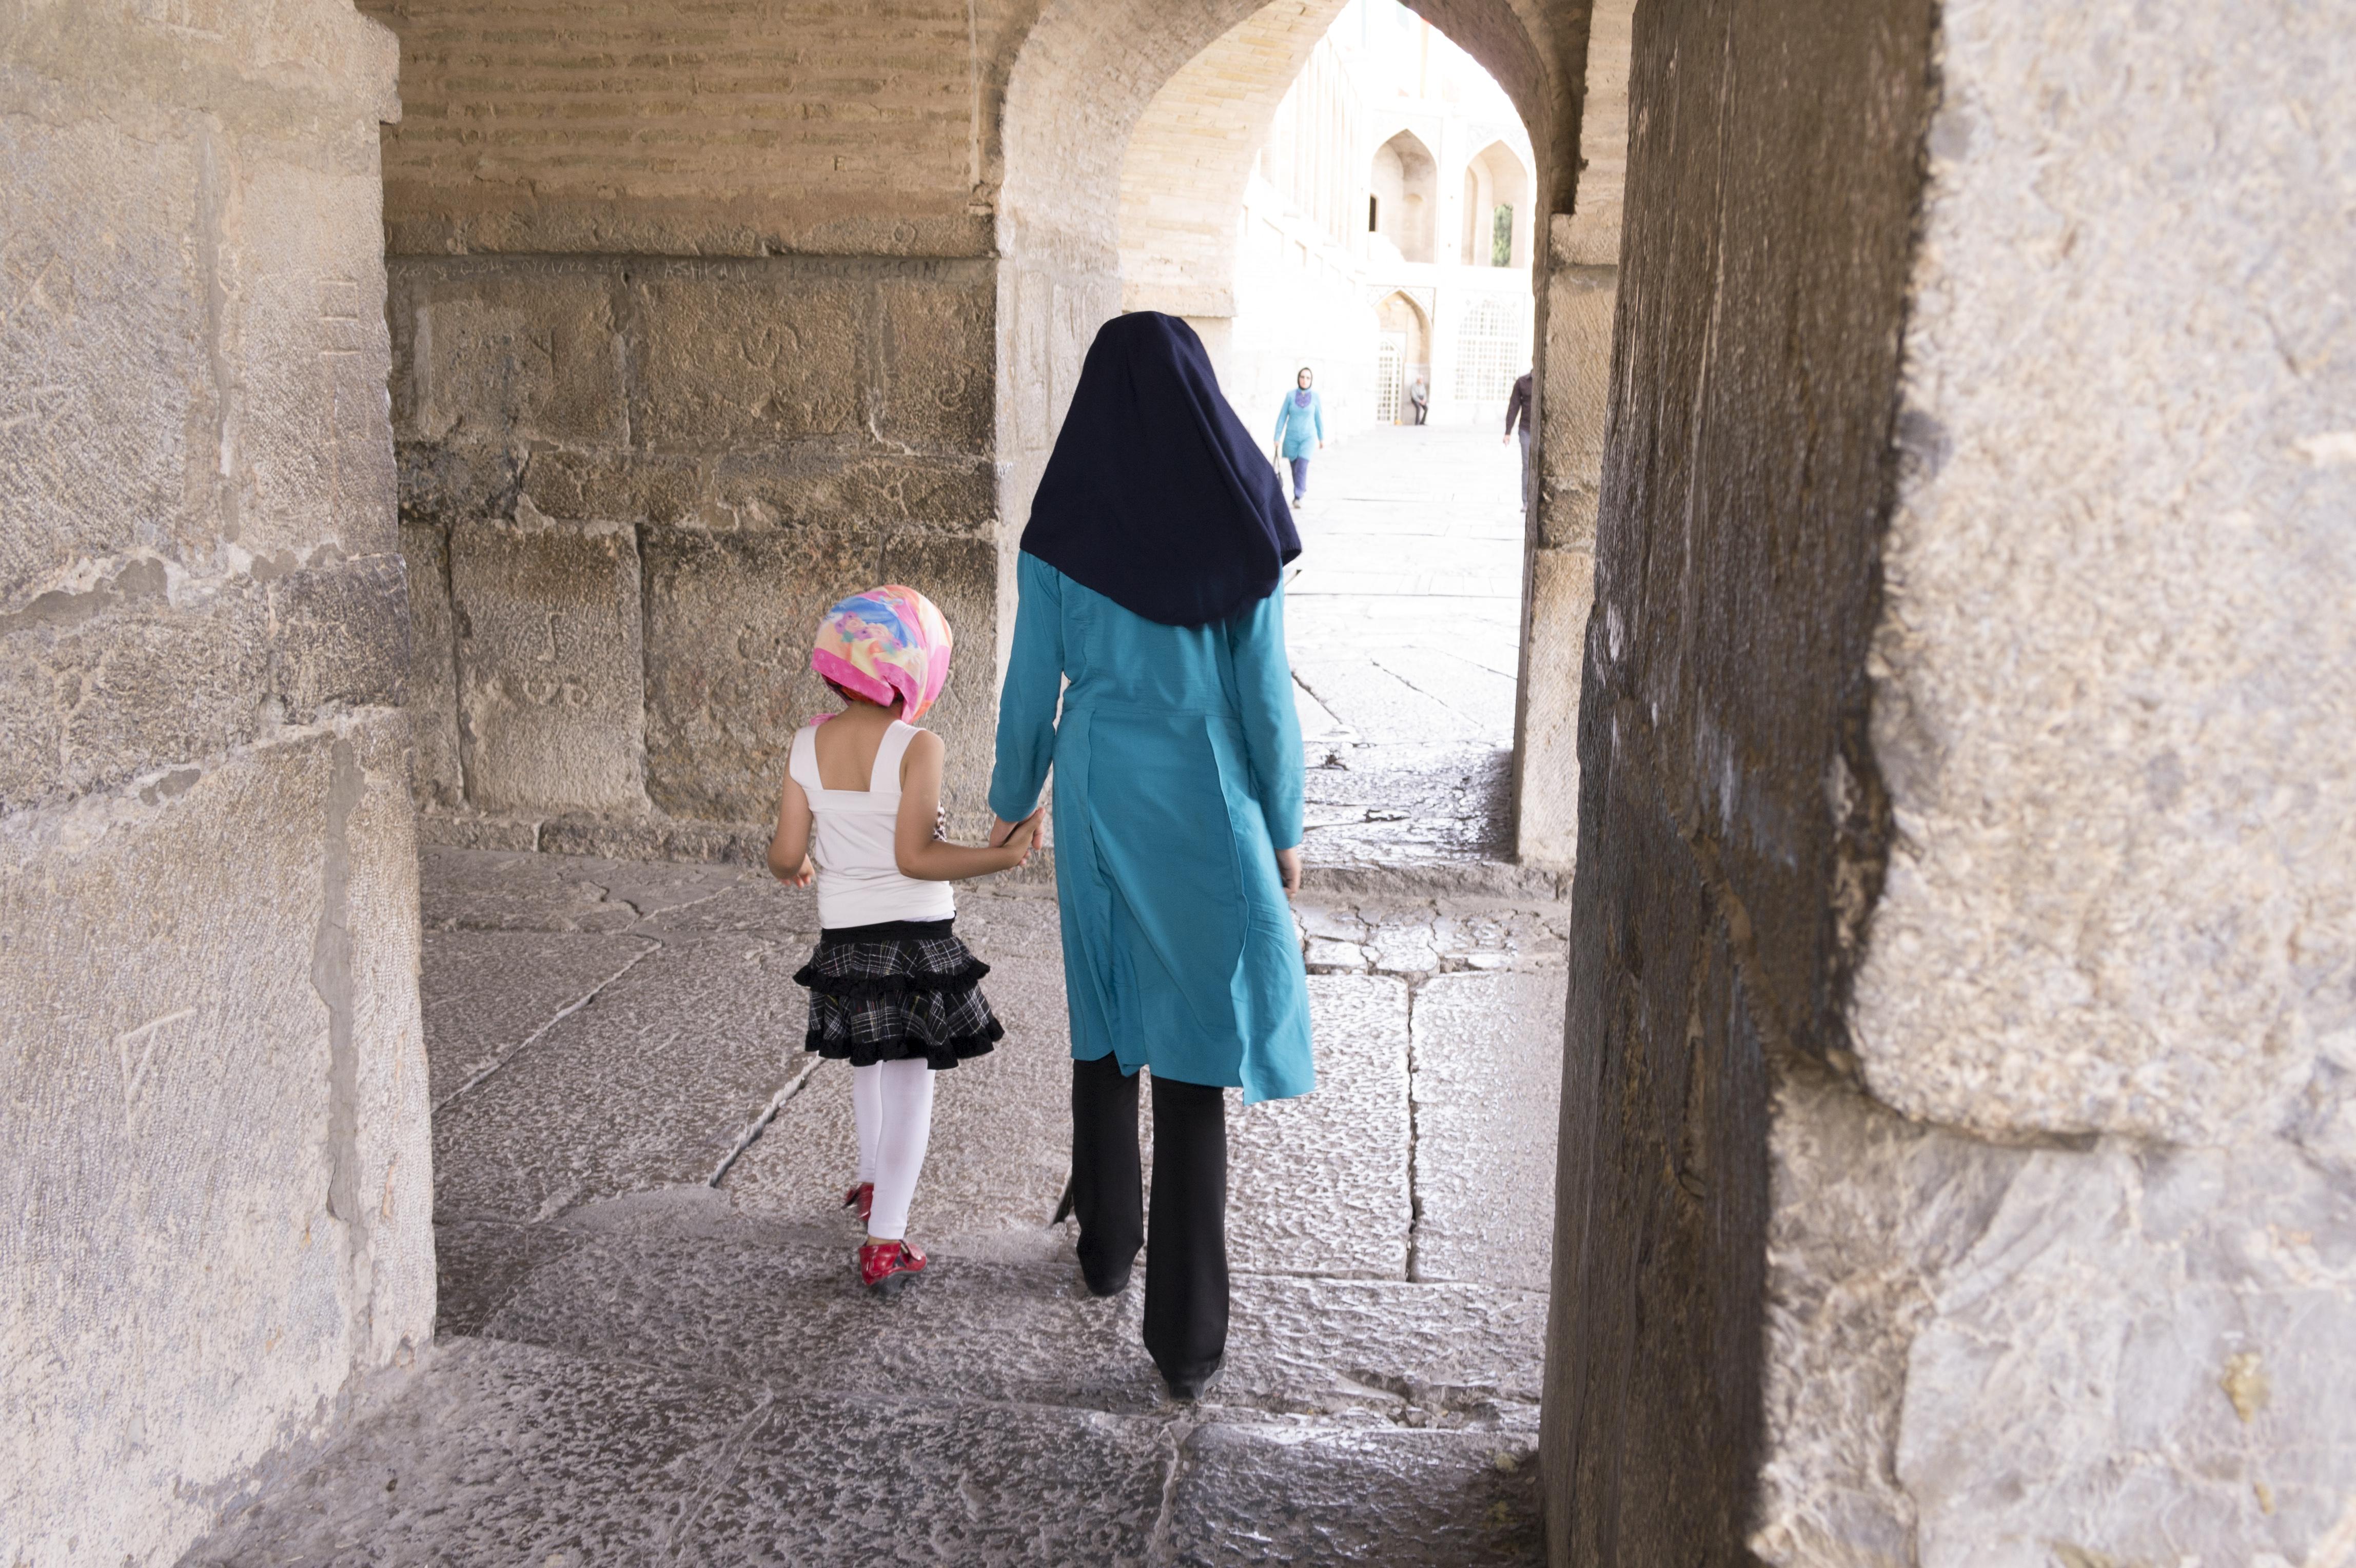 رخت سیاه عروسی؛ نگاهی آماری به کودک بیوگی در کشور/ رایحه مظفریان